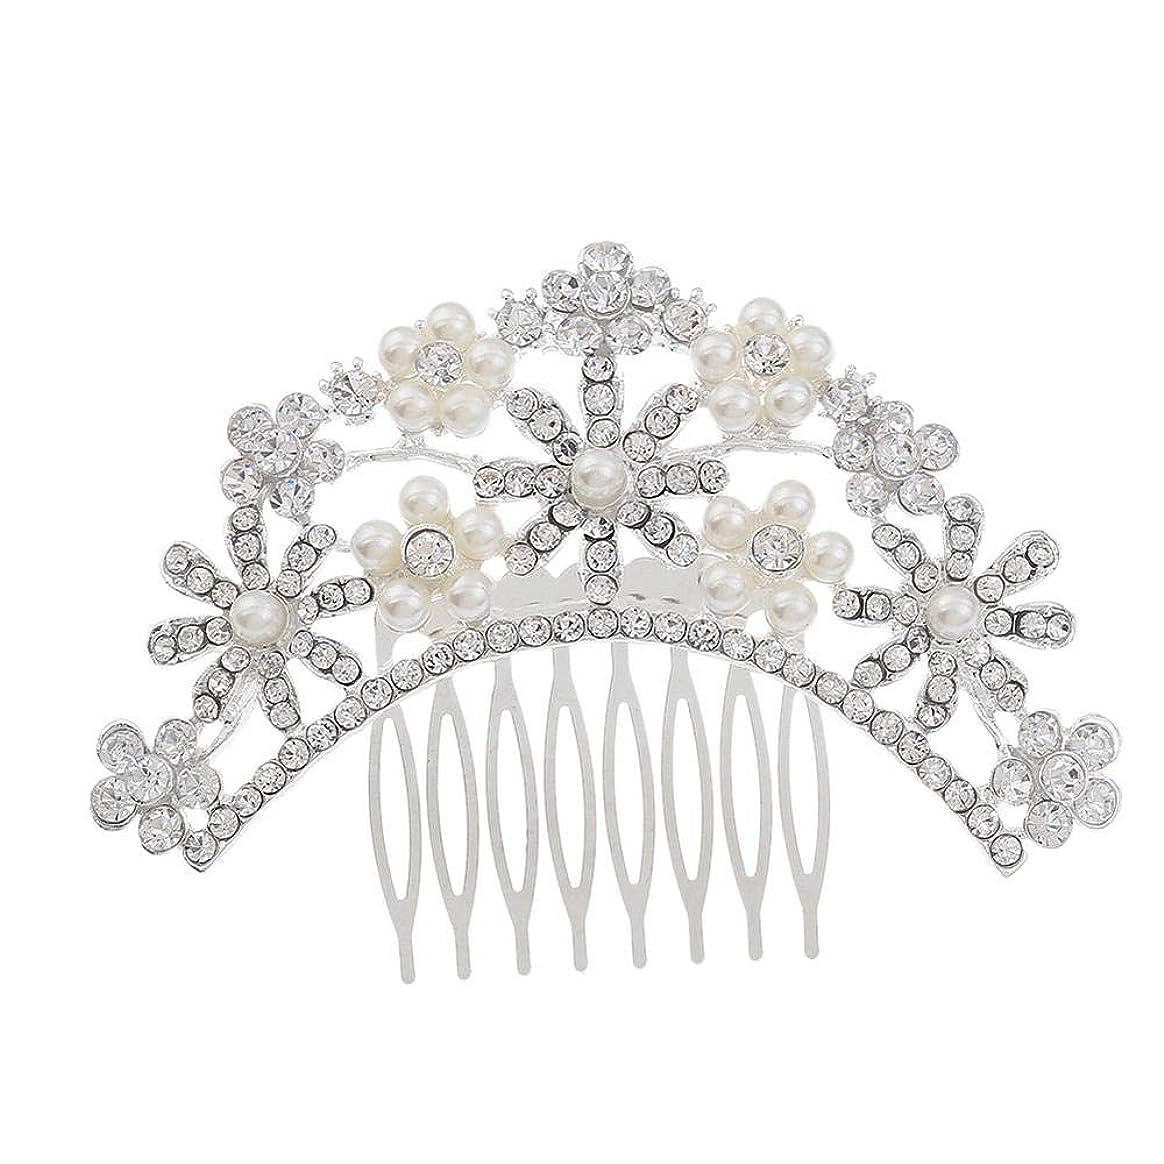 注目すべき強化ロードされたヘアコームコーム櫛花嫁の髪櫛クラウンヘッドバンド結婚式の帽子真珠の髪の櫛ラインストーンインサート櫛